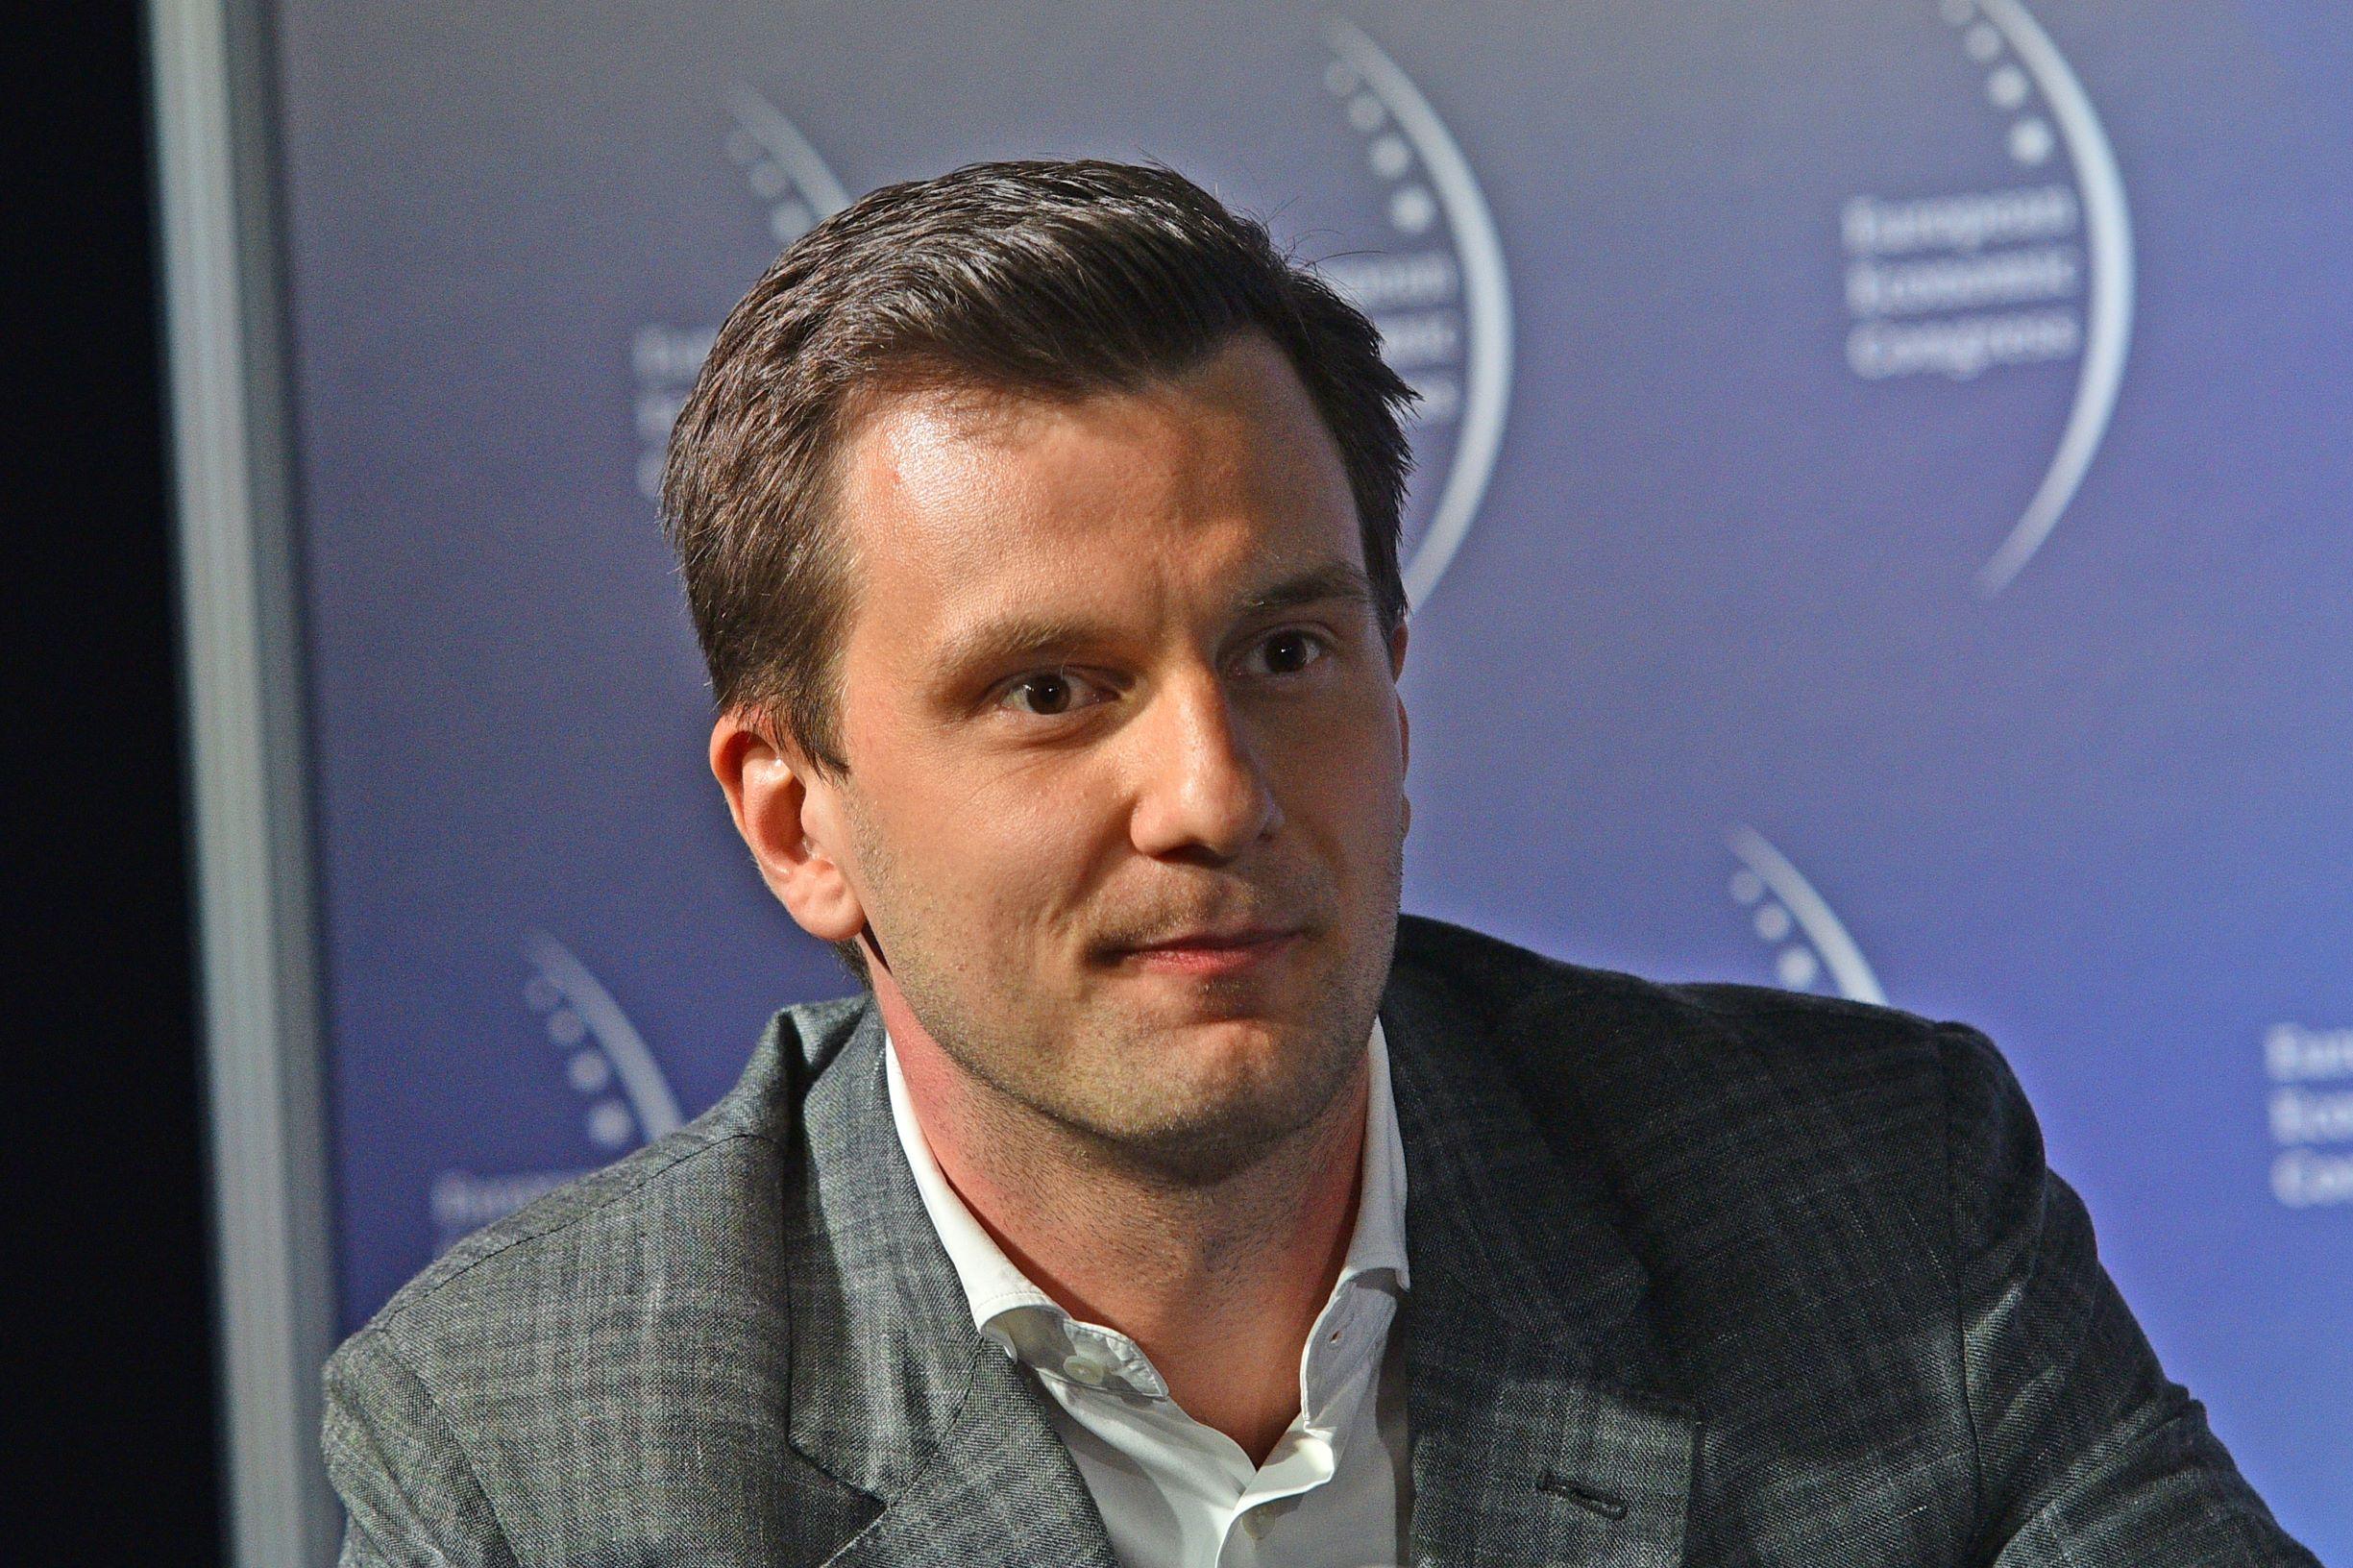 Tomasz Domogała: Inwestor powinien zarabiać na tym, co może wnieść do firmy i taką właśnie mamy strategię inwestycyjną .